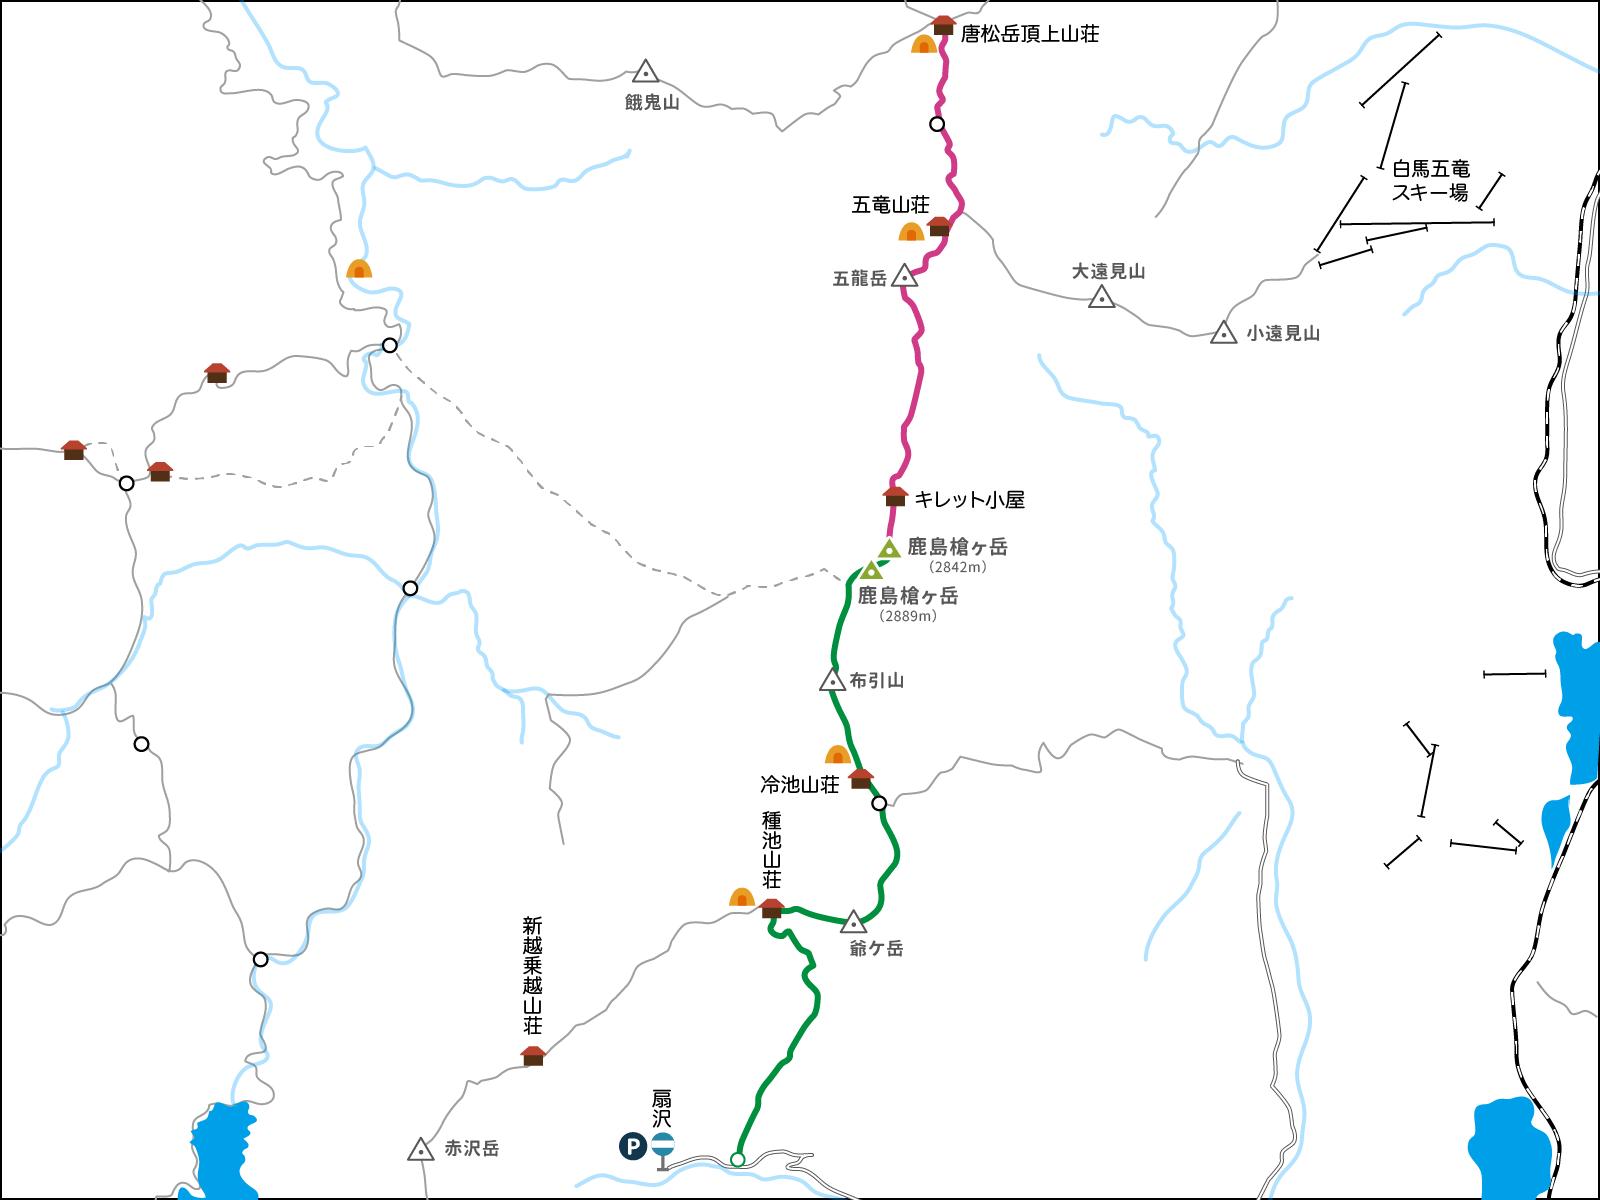 鹿島槍ヶ岳のコースマップ